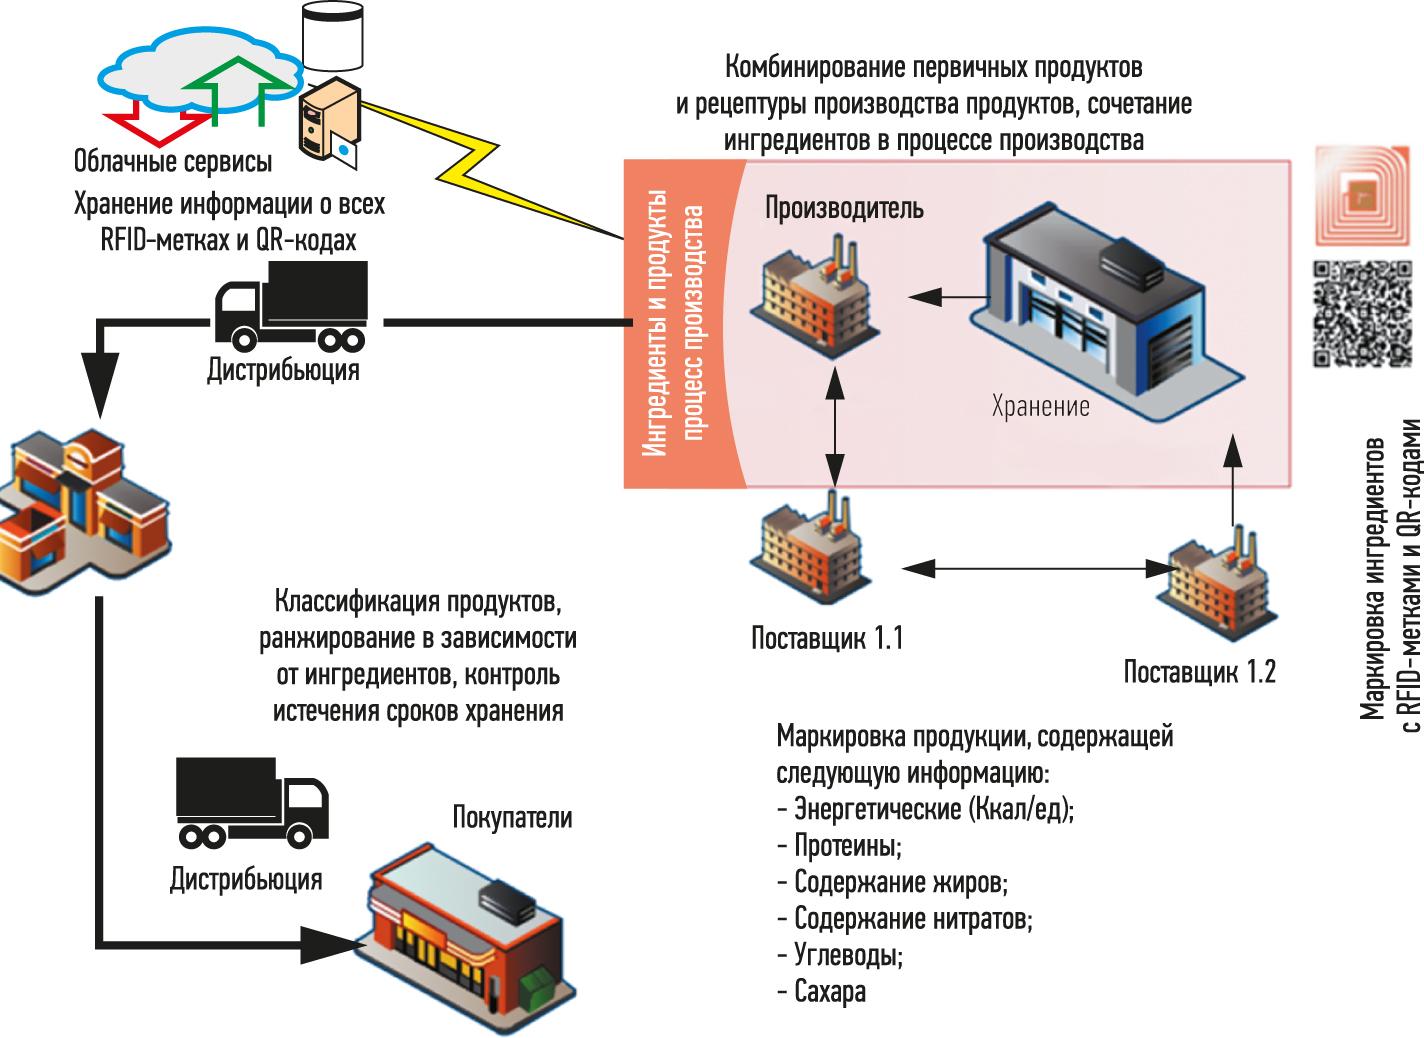 Система управления качеством продовольствия, в которой применяется маркировка пищевых продуктов